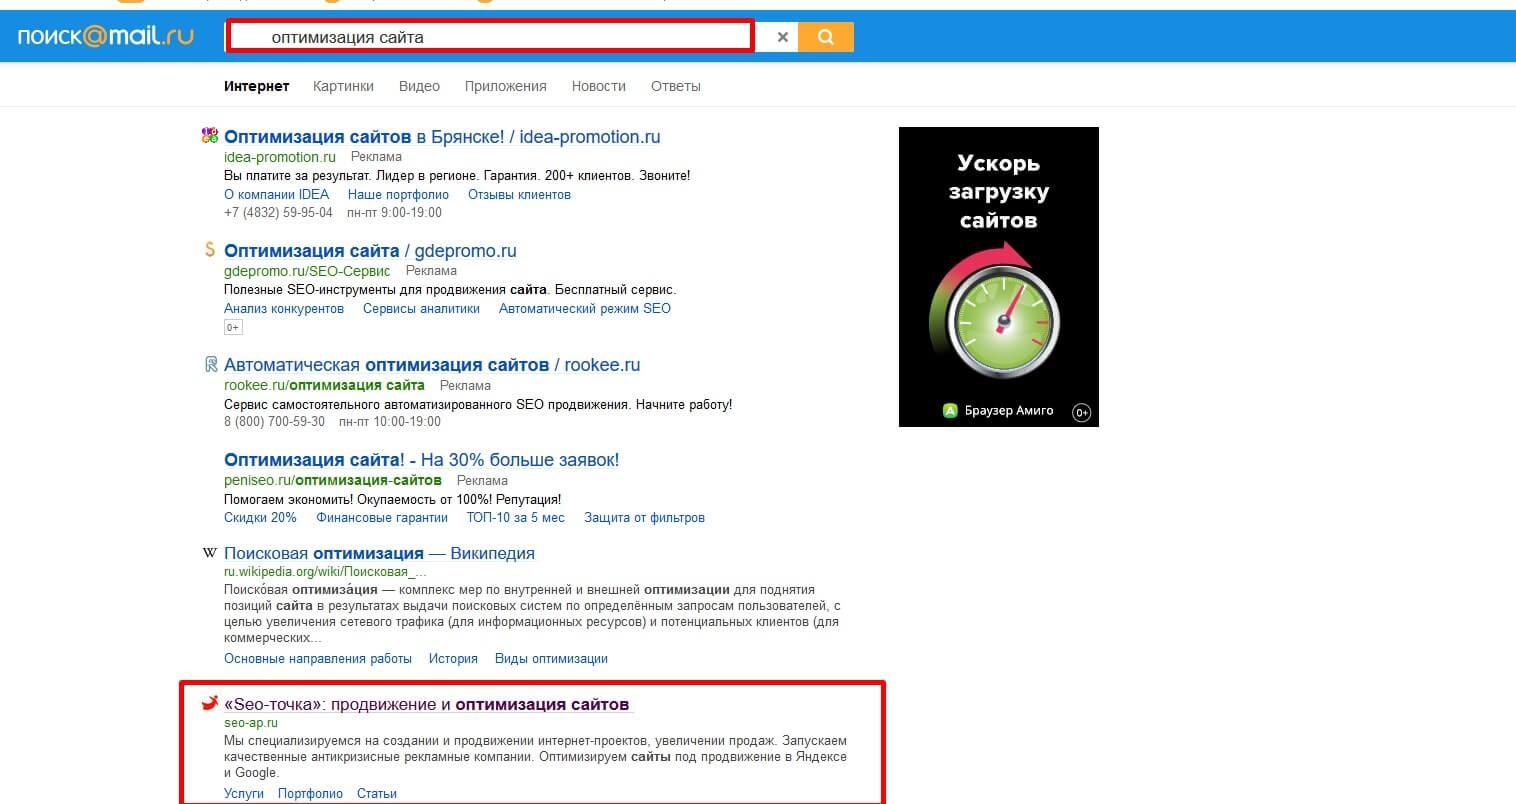 Раскрутка сайта в Снежногорск xrumer 5 platinum editor 250 000 форумов crack